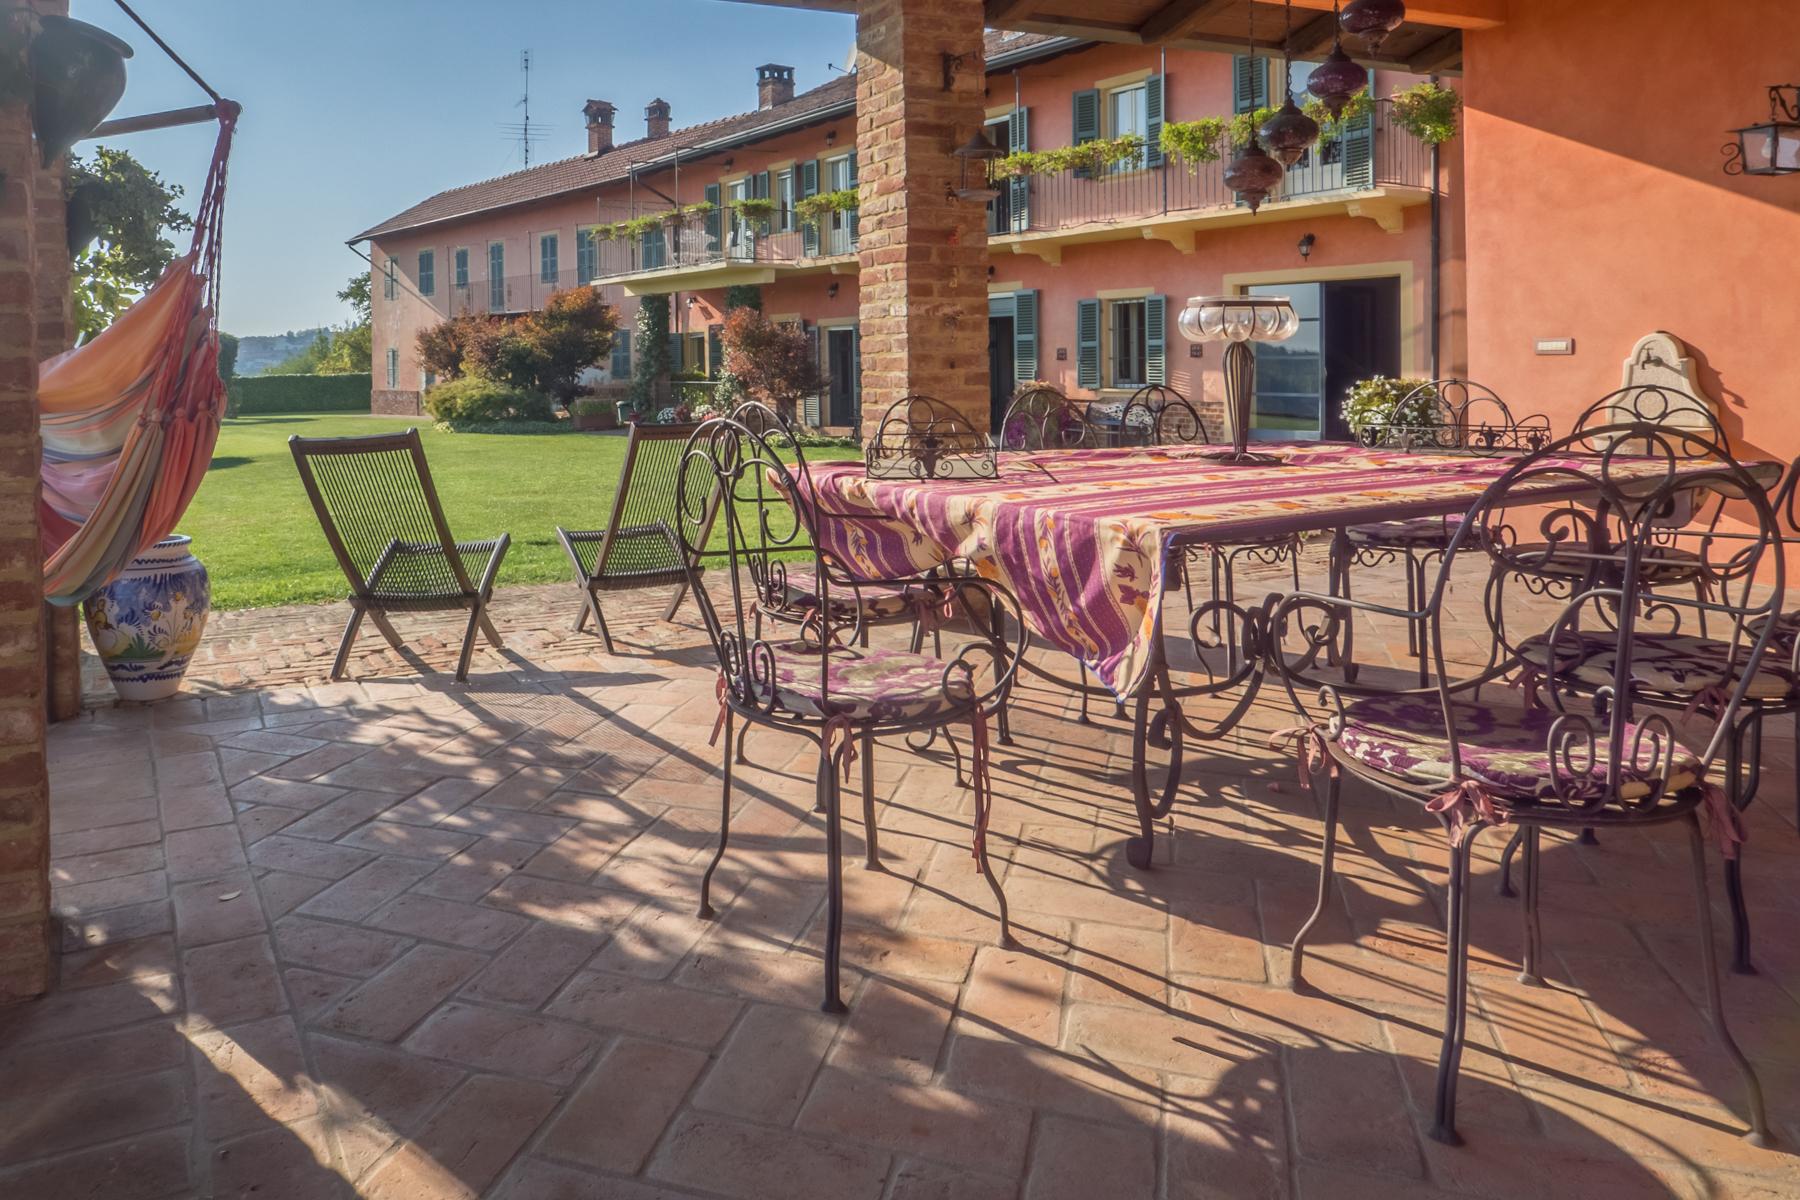 Rustico in Vendita a Montemagno: 5 locali, 2000 mq - Foto 2